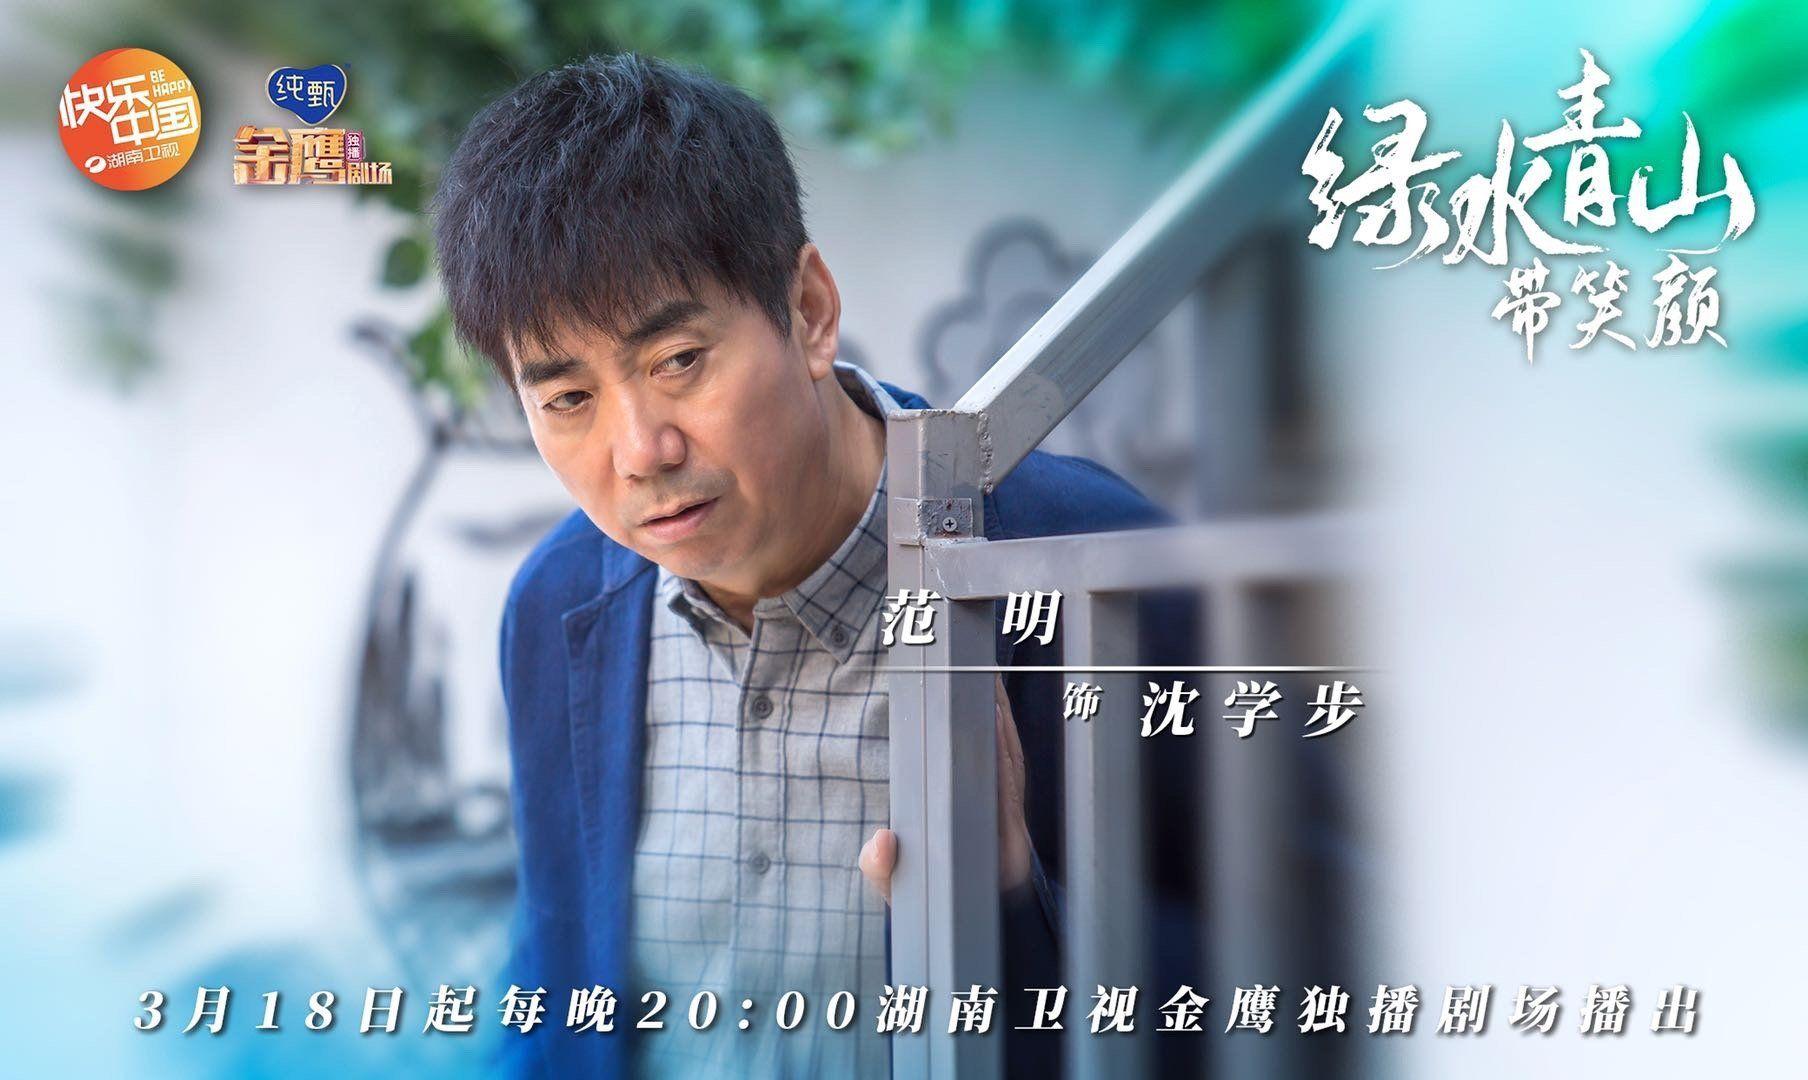 绿水青山带笑颜(30/45)2020.HD720P 迅雷下载